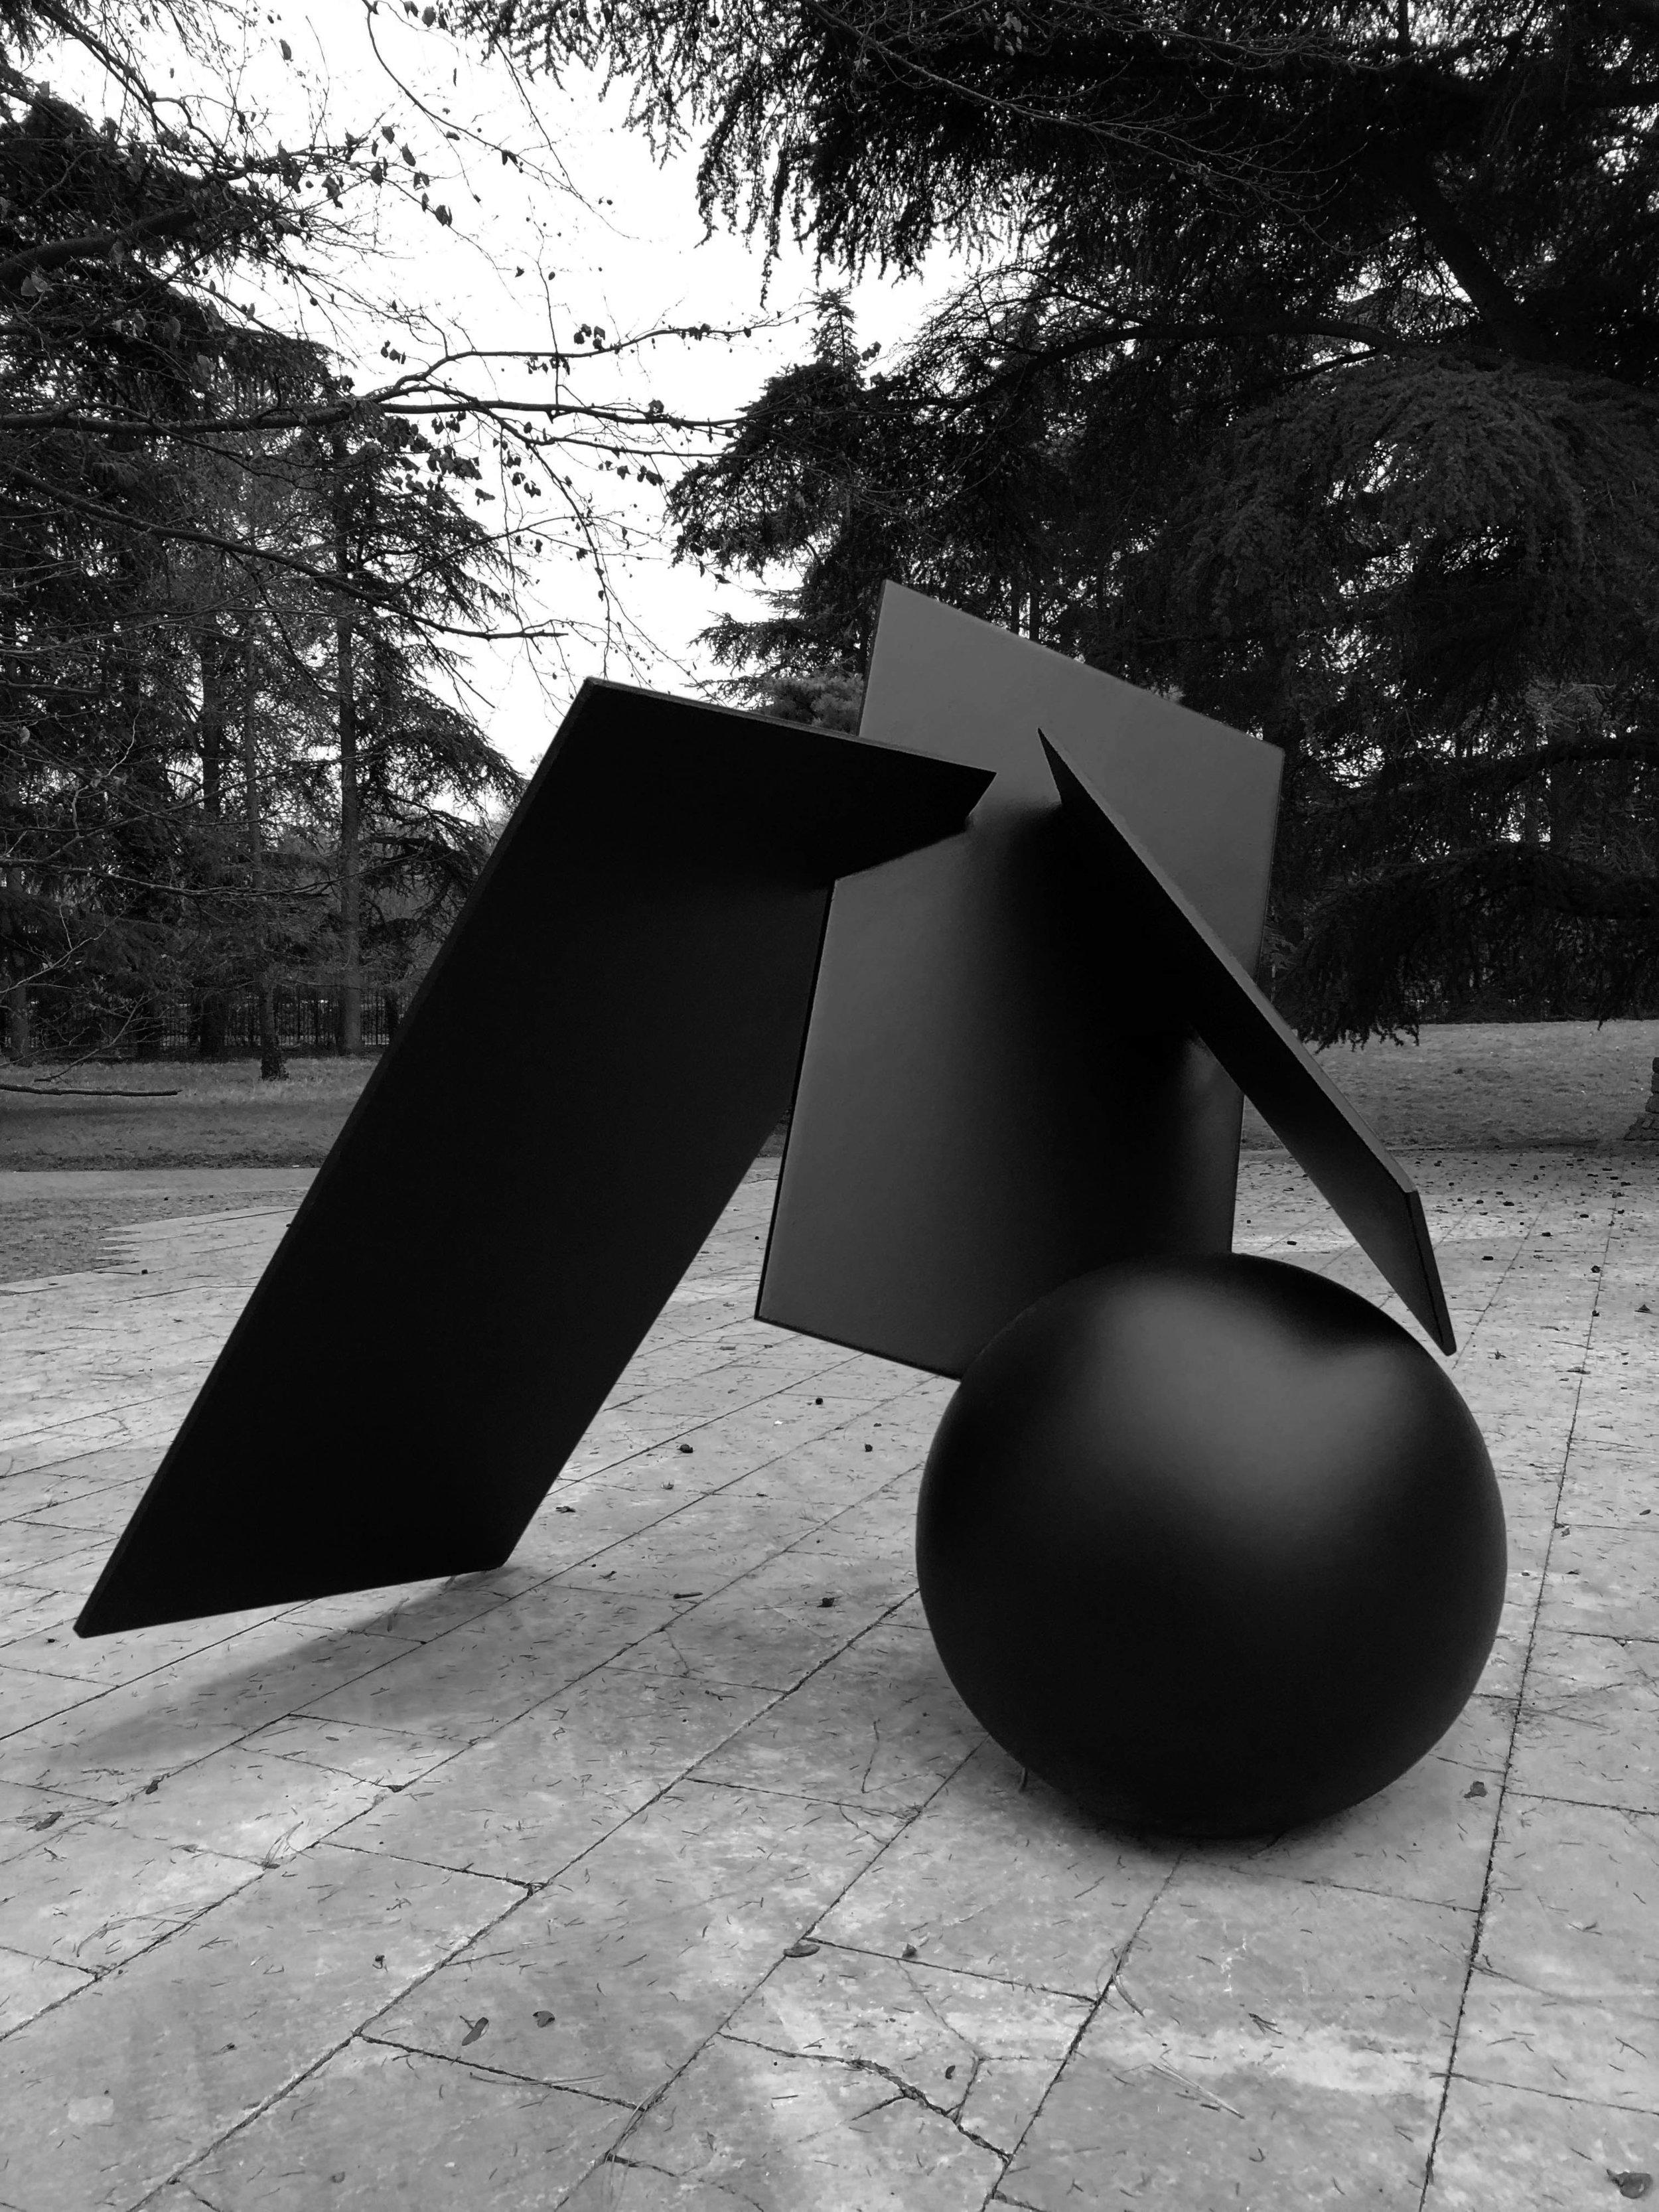 Particle 01 Copper black patination Floor Sculpture 102 x 120 x 100 cm ed. 1/3